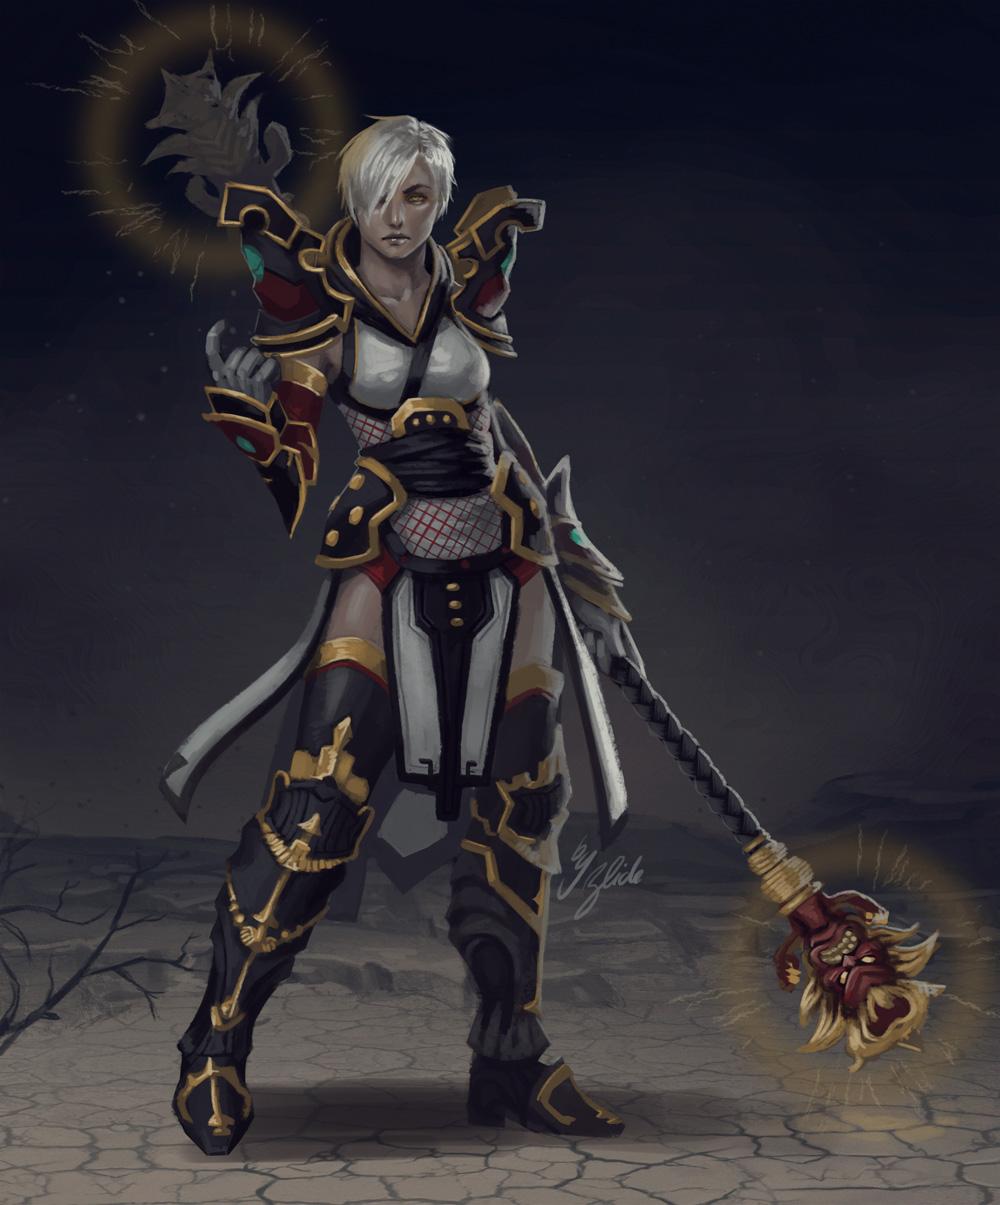 Diablo 3 - Monk by ZliDe on DeviantArt